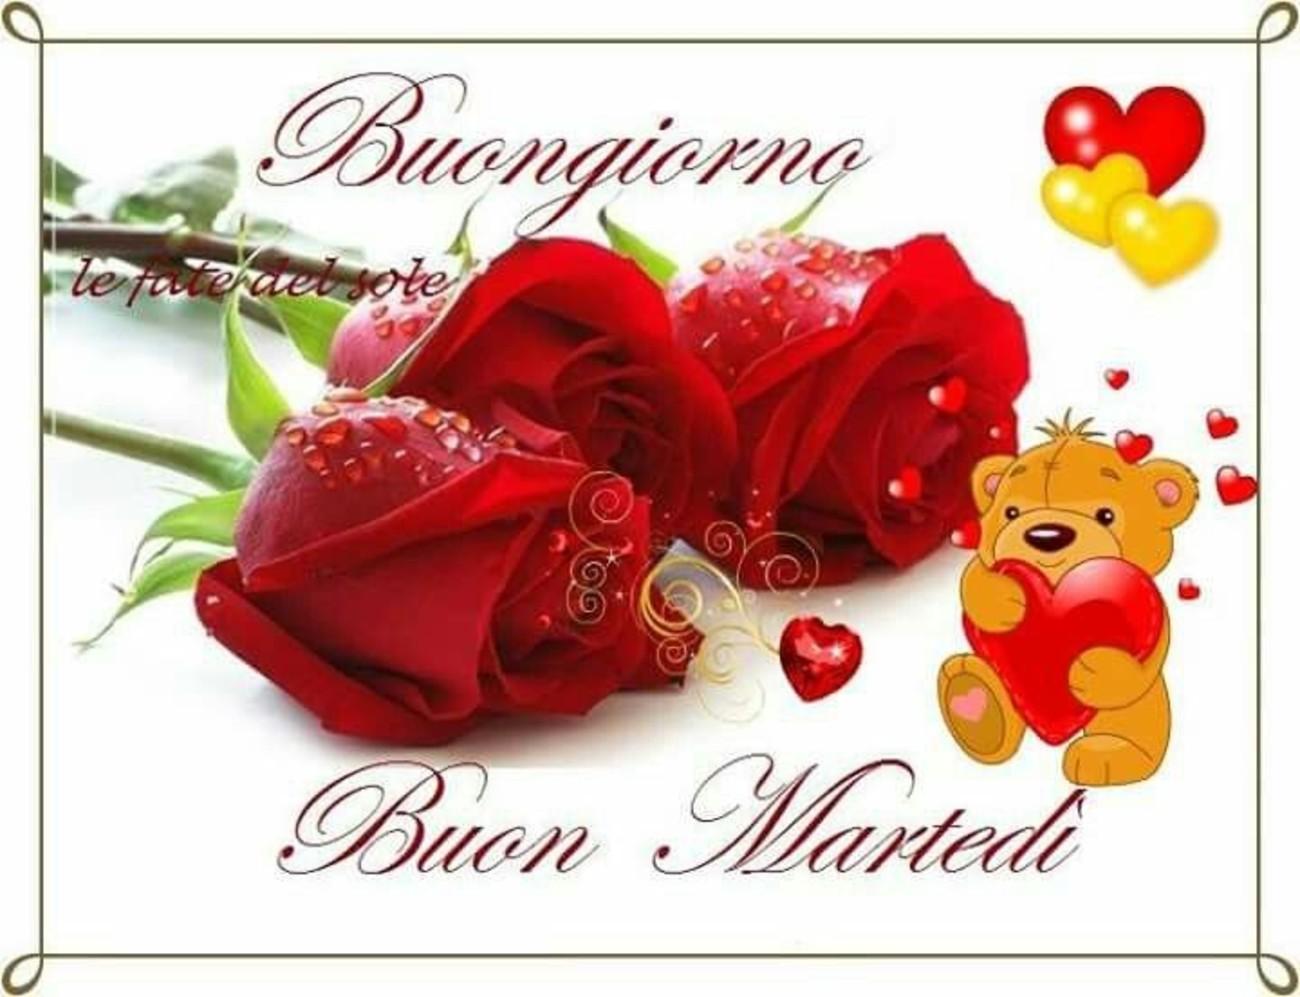 belle immagini buon martedi amore con rose (11)